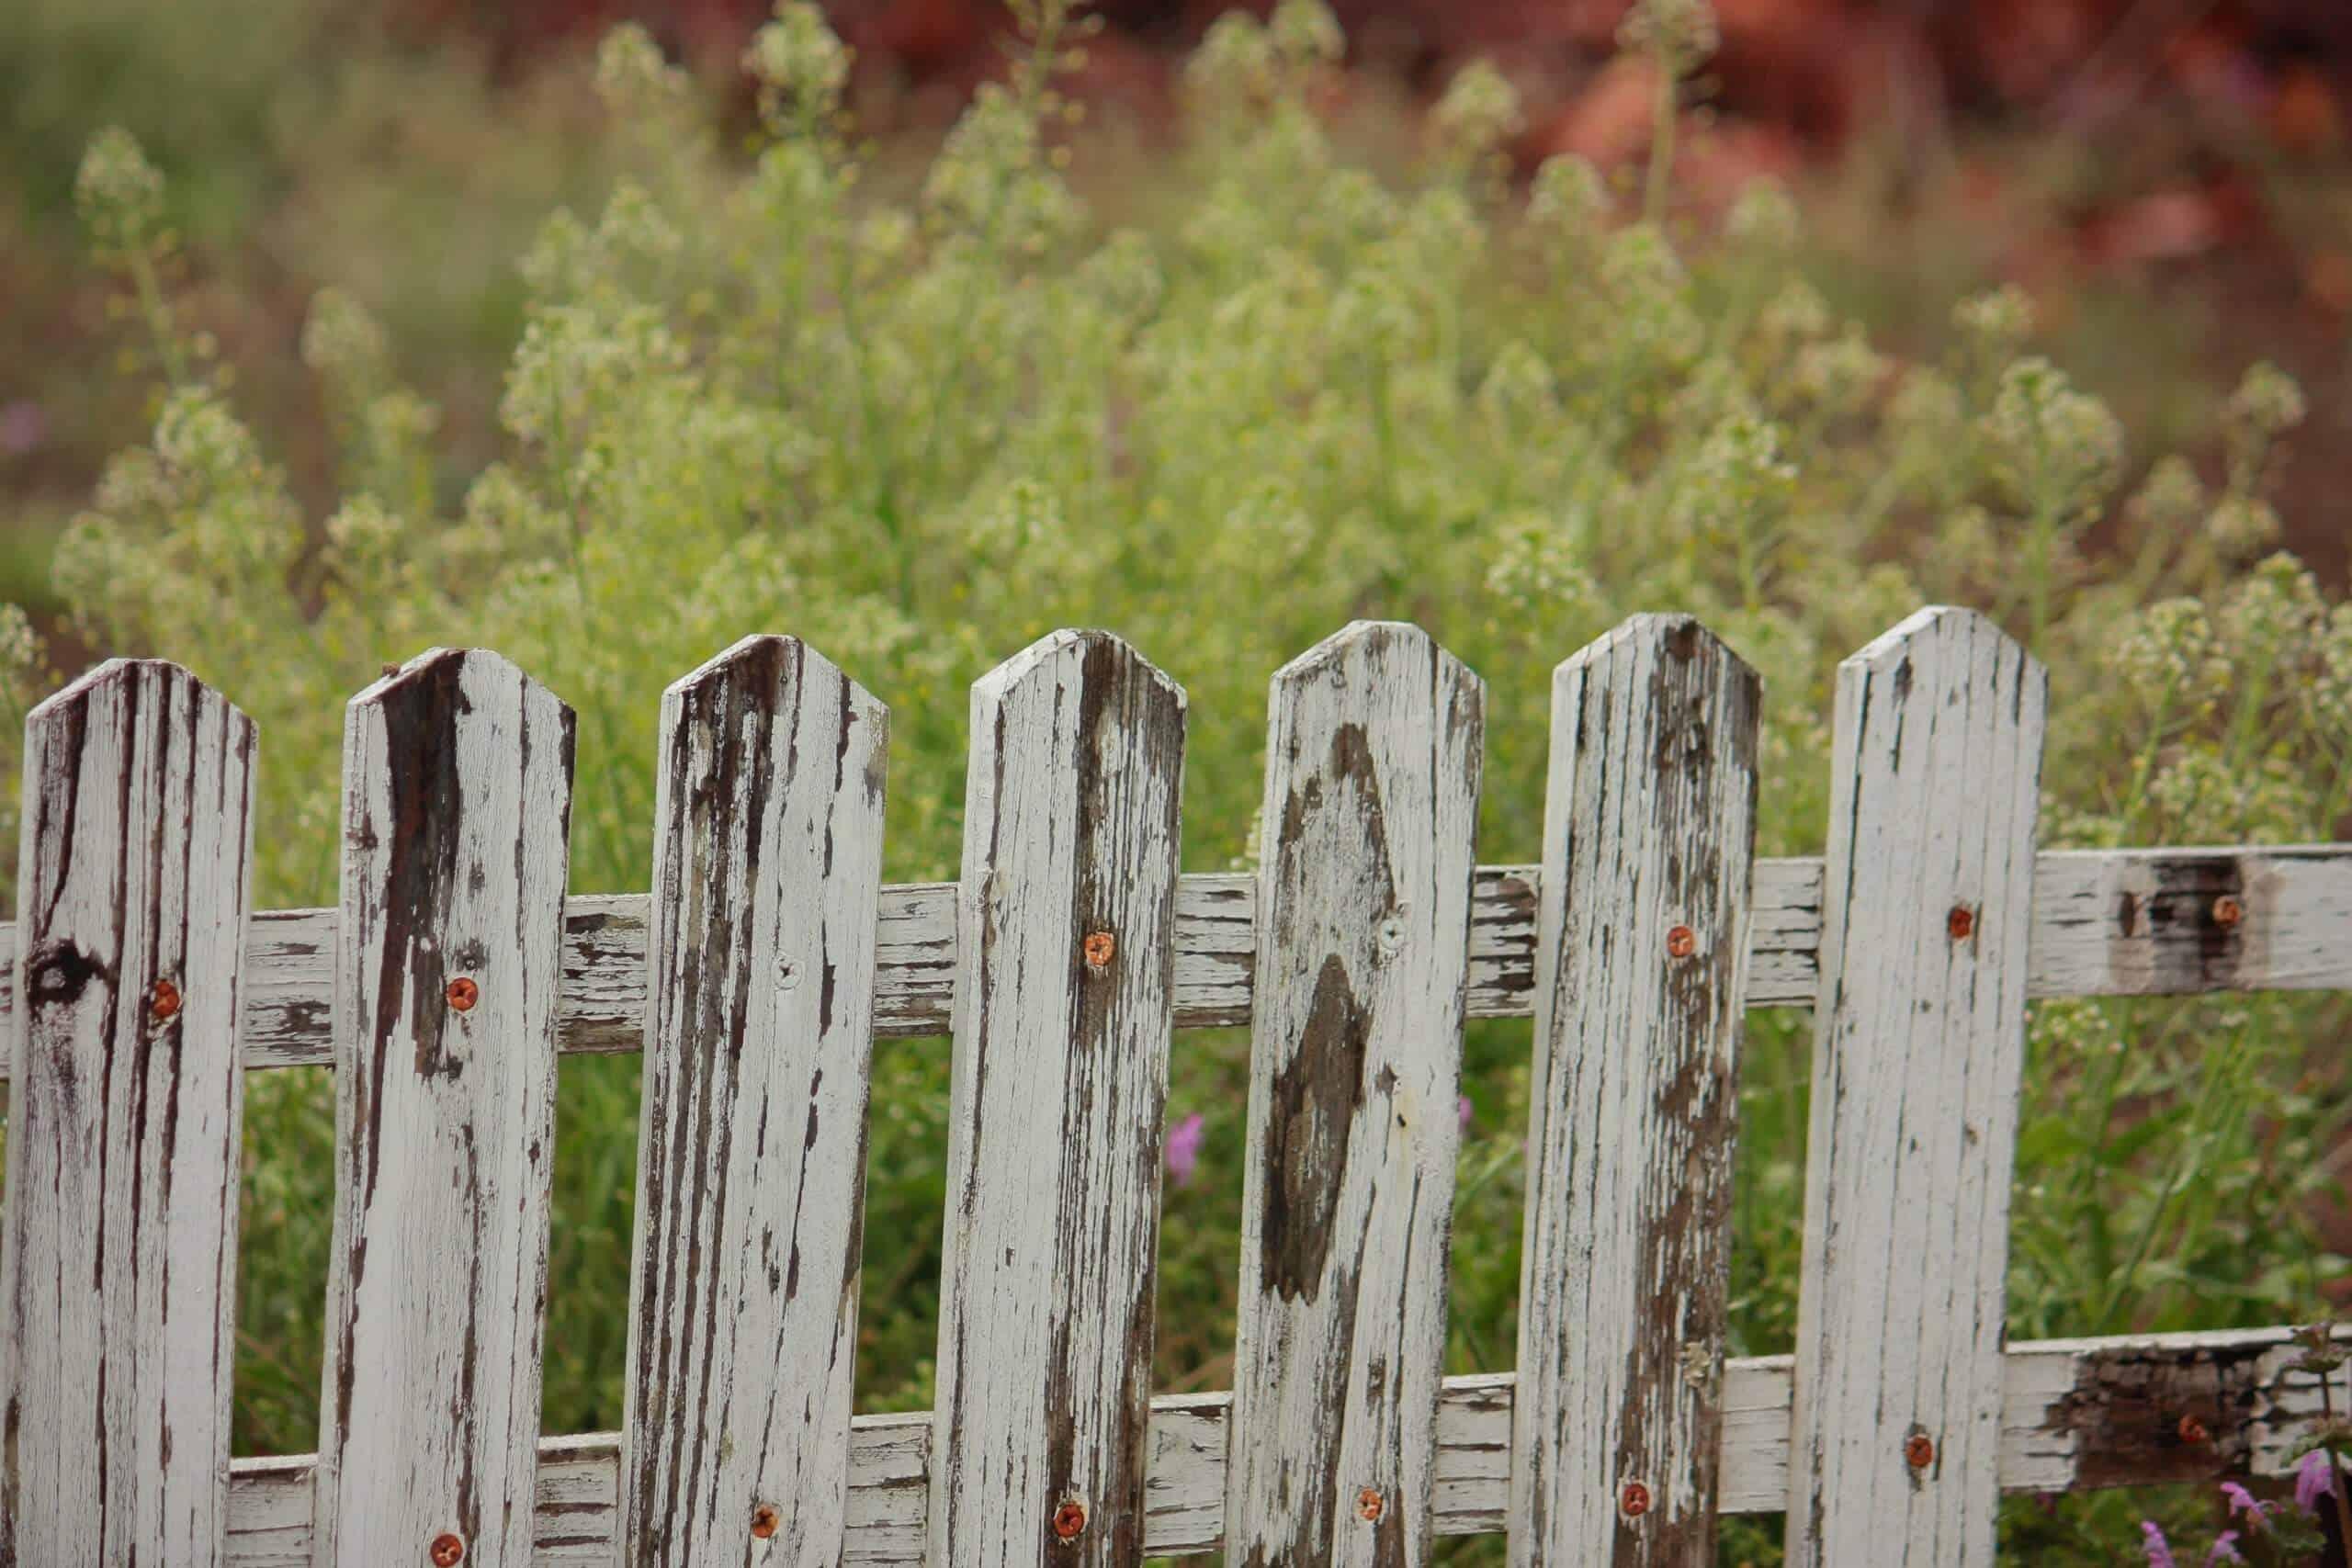 Maintaining Decorative Fences